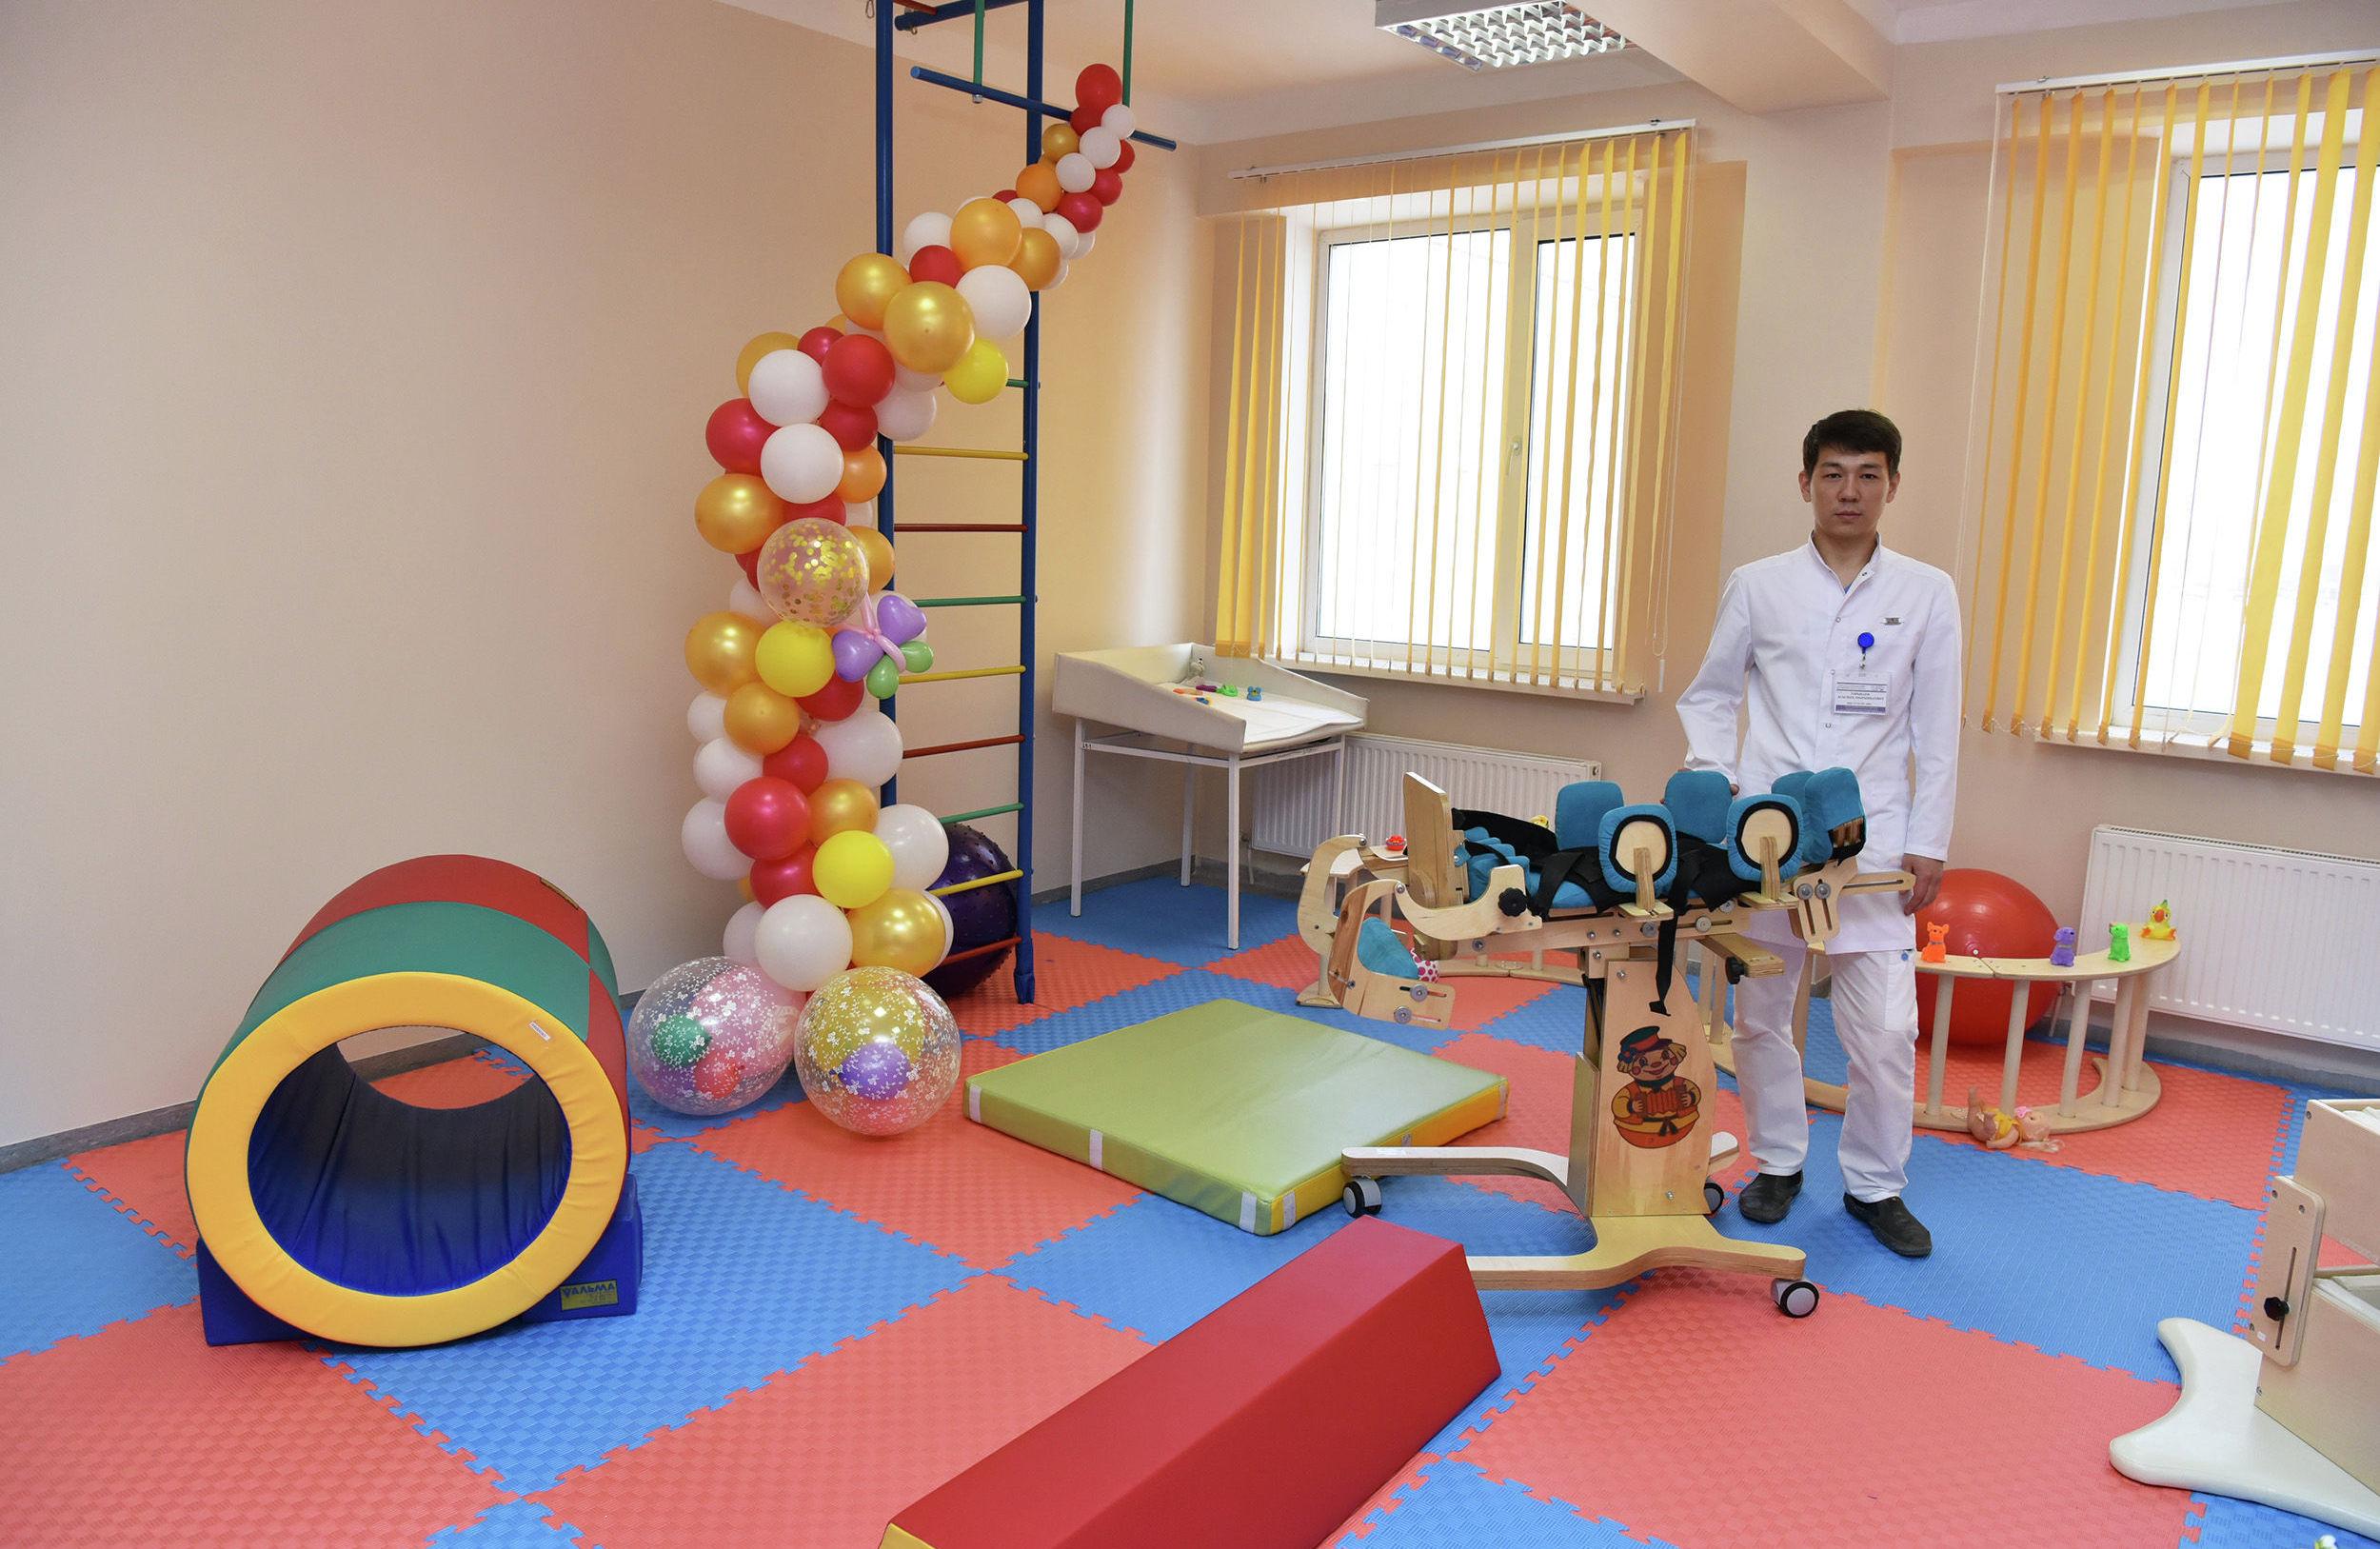 Во второй городской больнице Астаны открыли бесплатное отделение катамнеза для детей от ноля до года